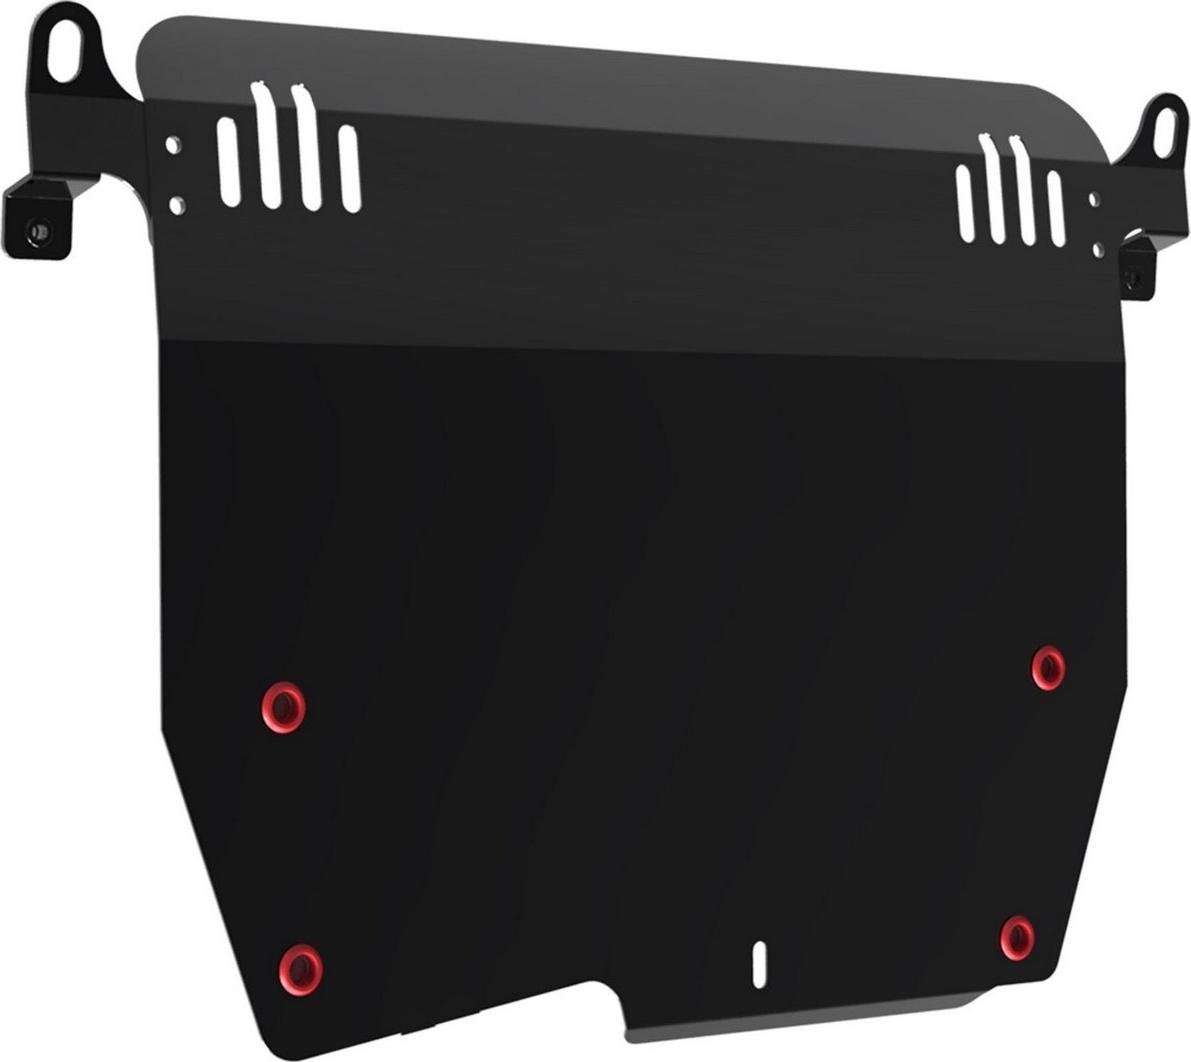 Защита картера и КПП Автоброня для Honda Accord 2008-2012, сталь 2 мм, с крепежом. 111.02101.2 защита картера и кпп автоброня для honda pilot 2012 2016 сталь 2 мм с крепежом 111 02127 1